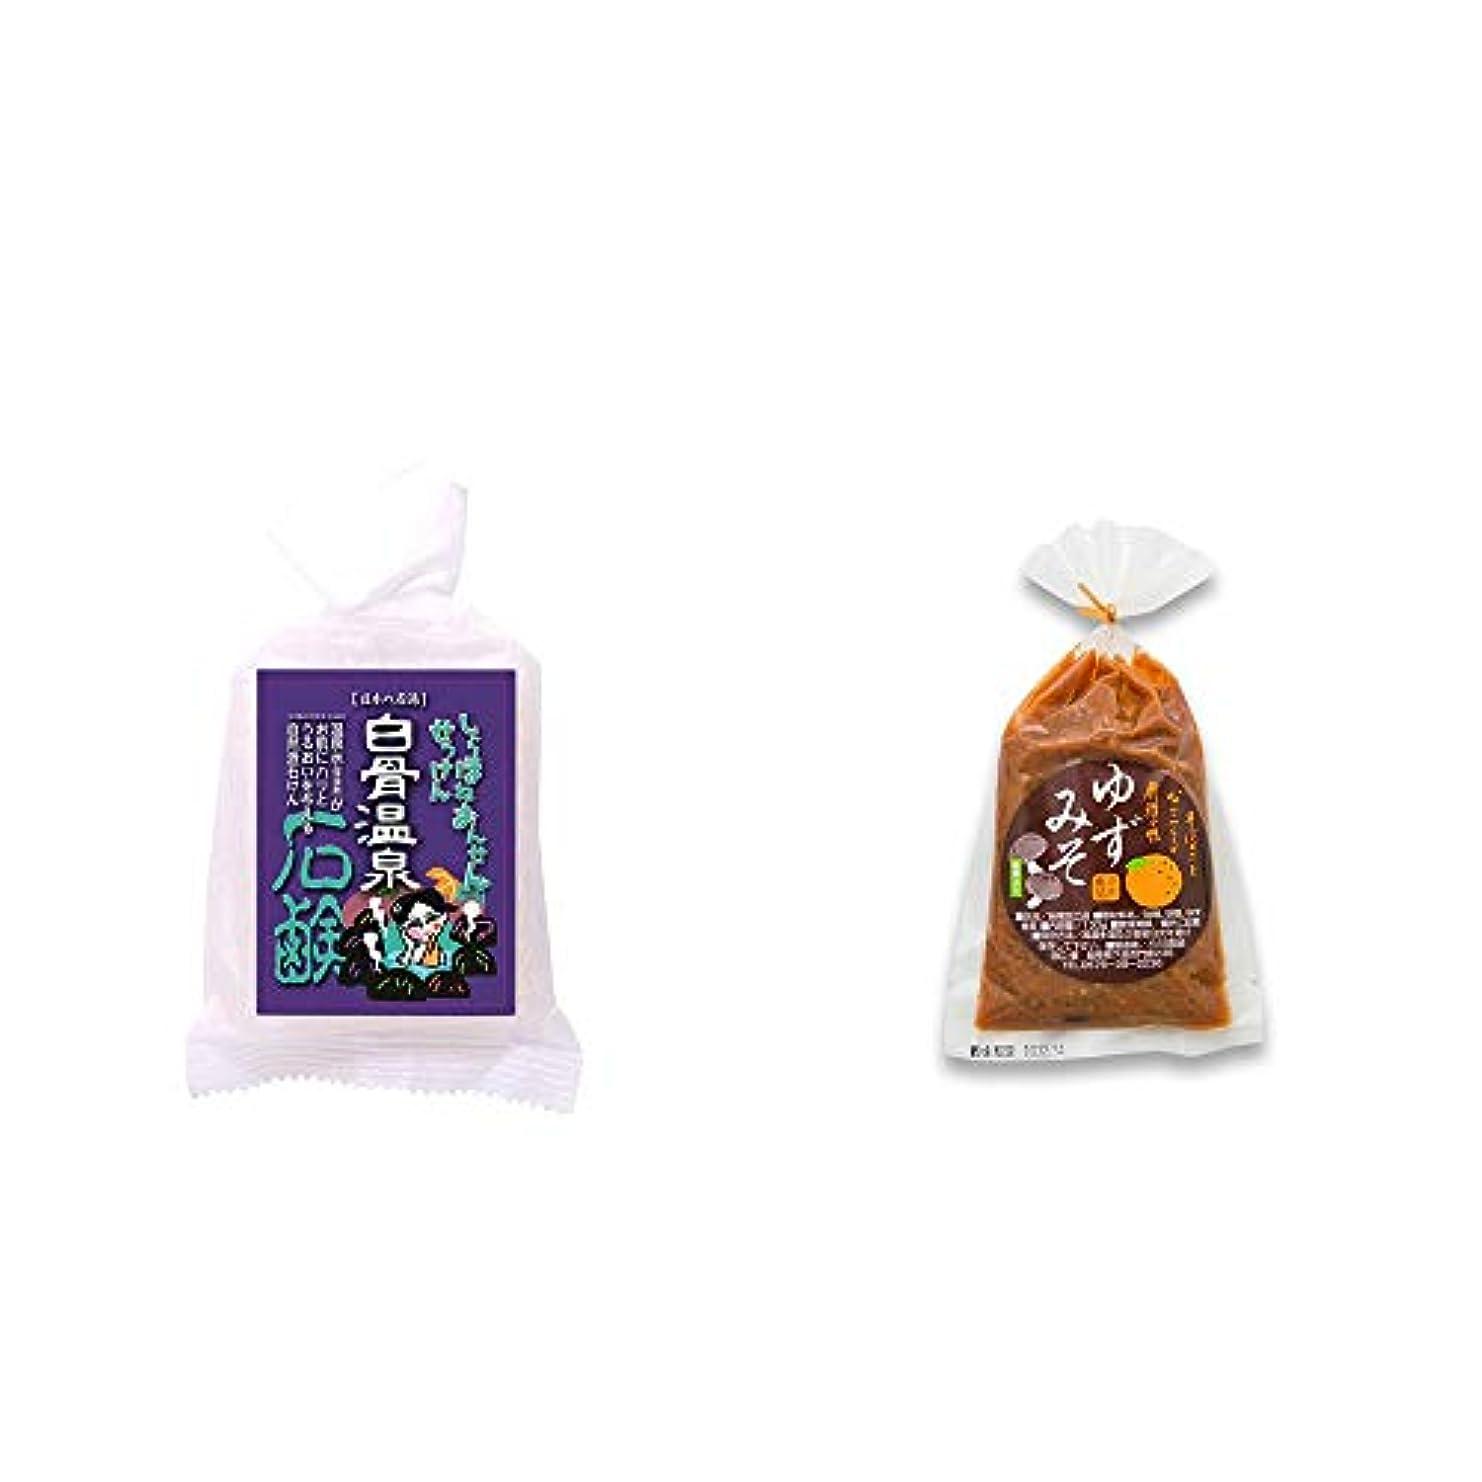 悪魔あいにく小川[2点セット] 信州 白骨温泉石鹸(80g)?ゆずみそ(130g)